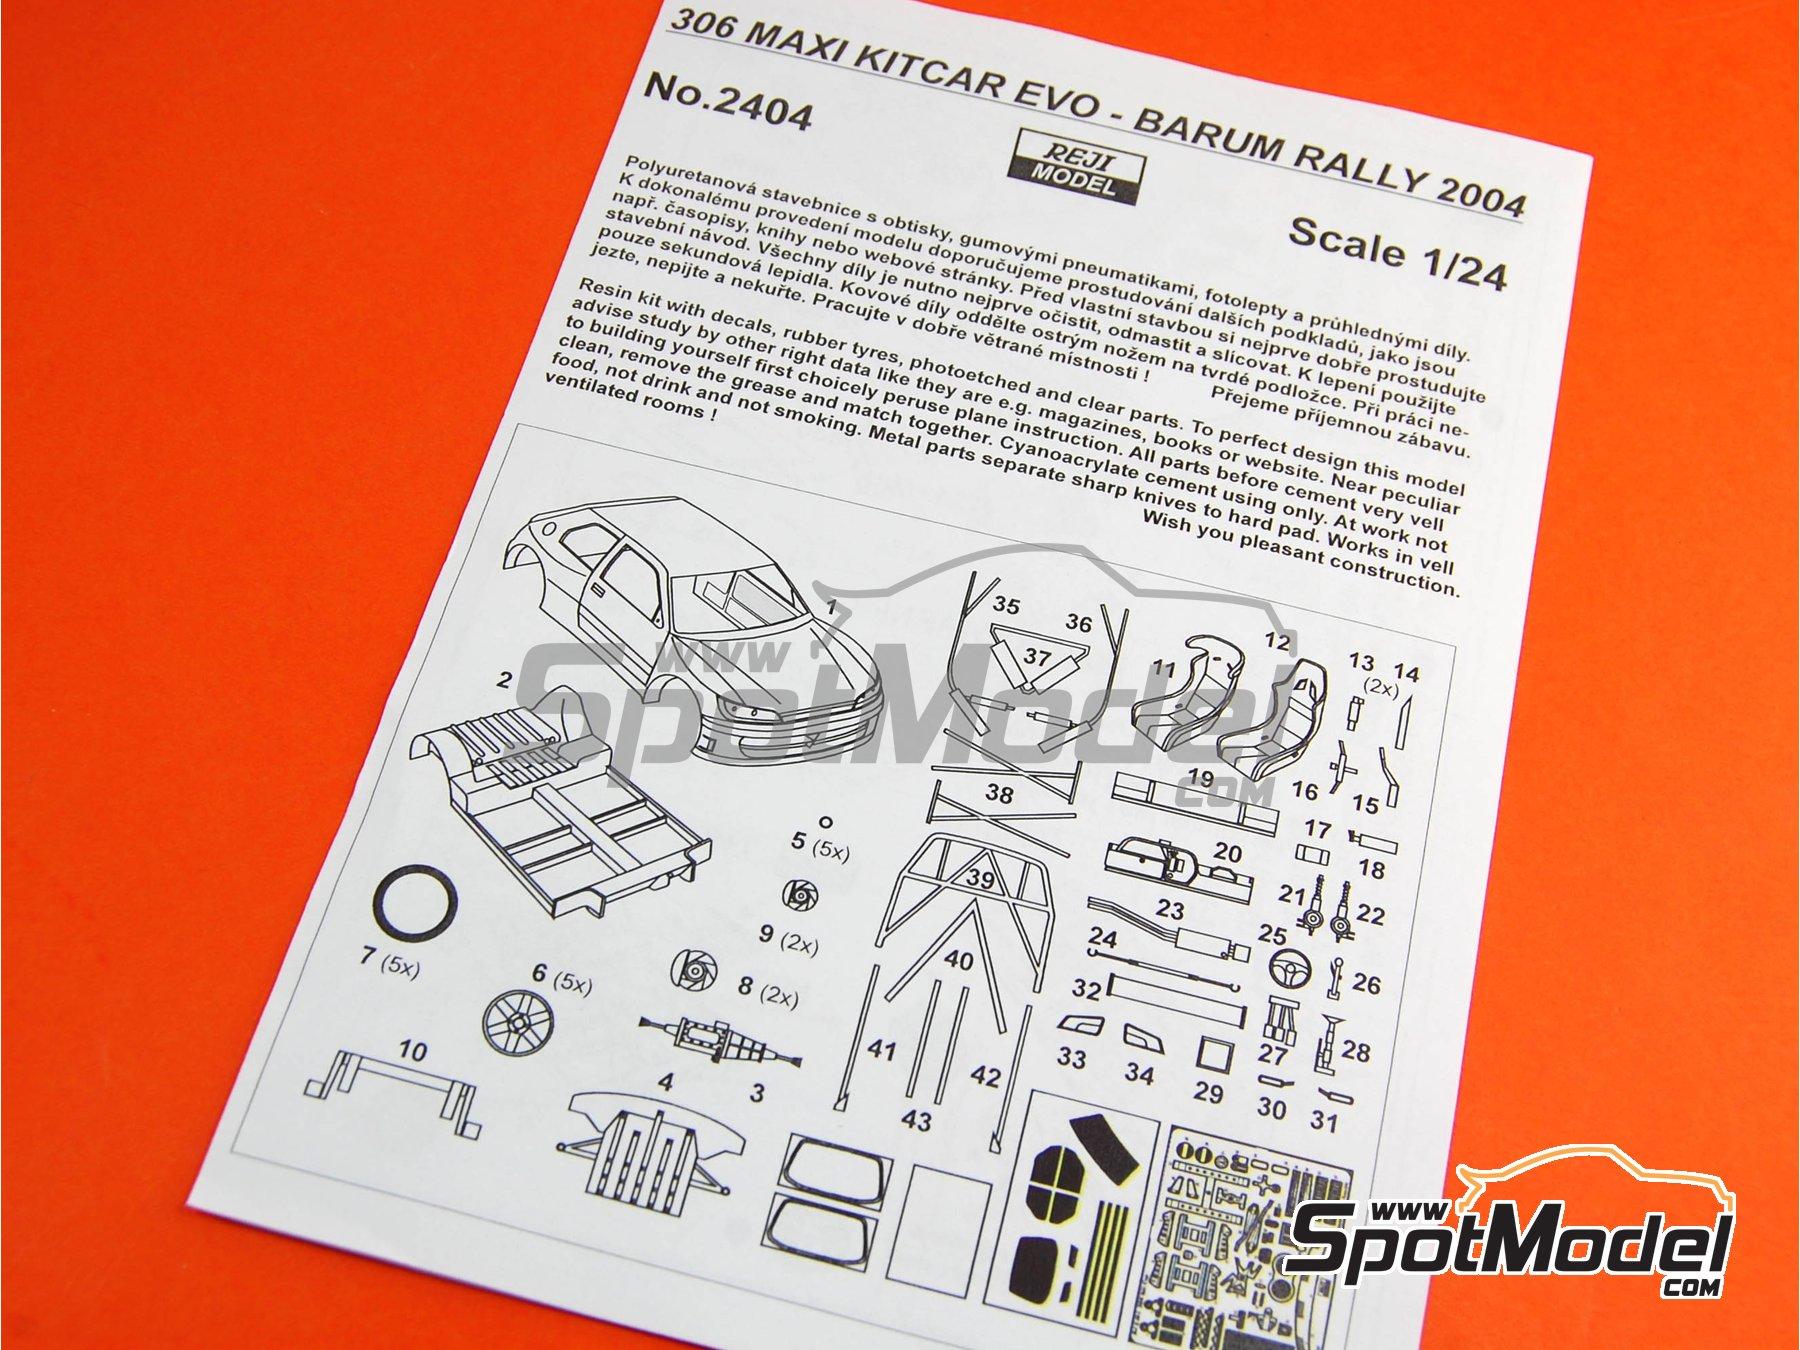 Image 25: Peugeot 306 Maxi Kit Car Evo Total - Rally Barum de la Republica Checa 2004 | Maqueta de coche en escala1/24 fabricado por Reji Model (ref.REJI-2404, tambien 2404)